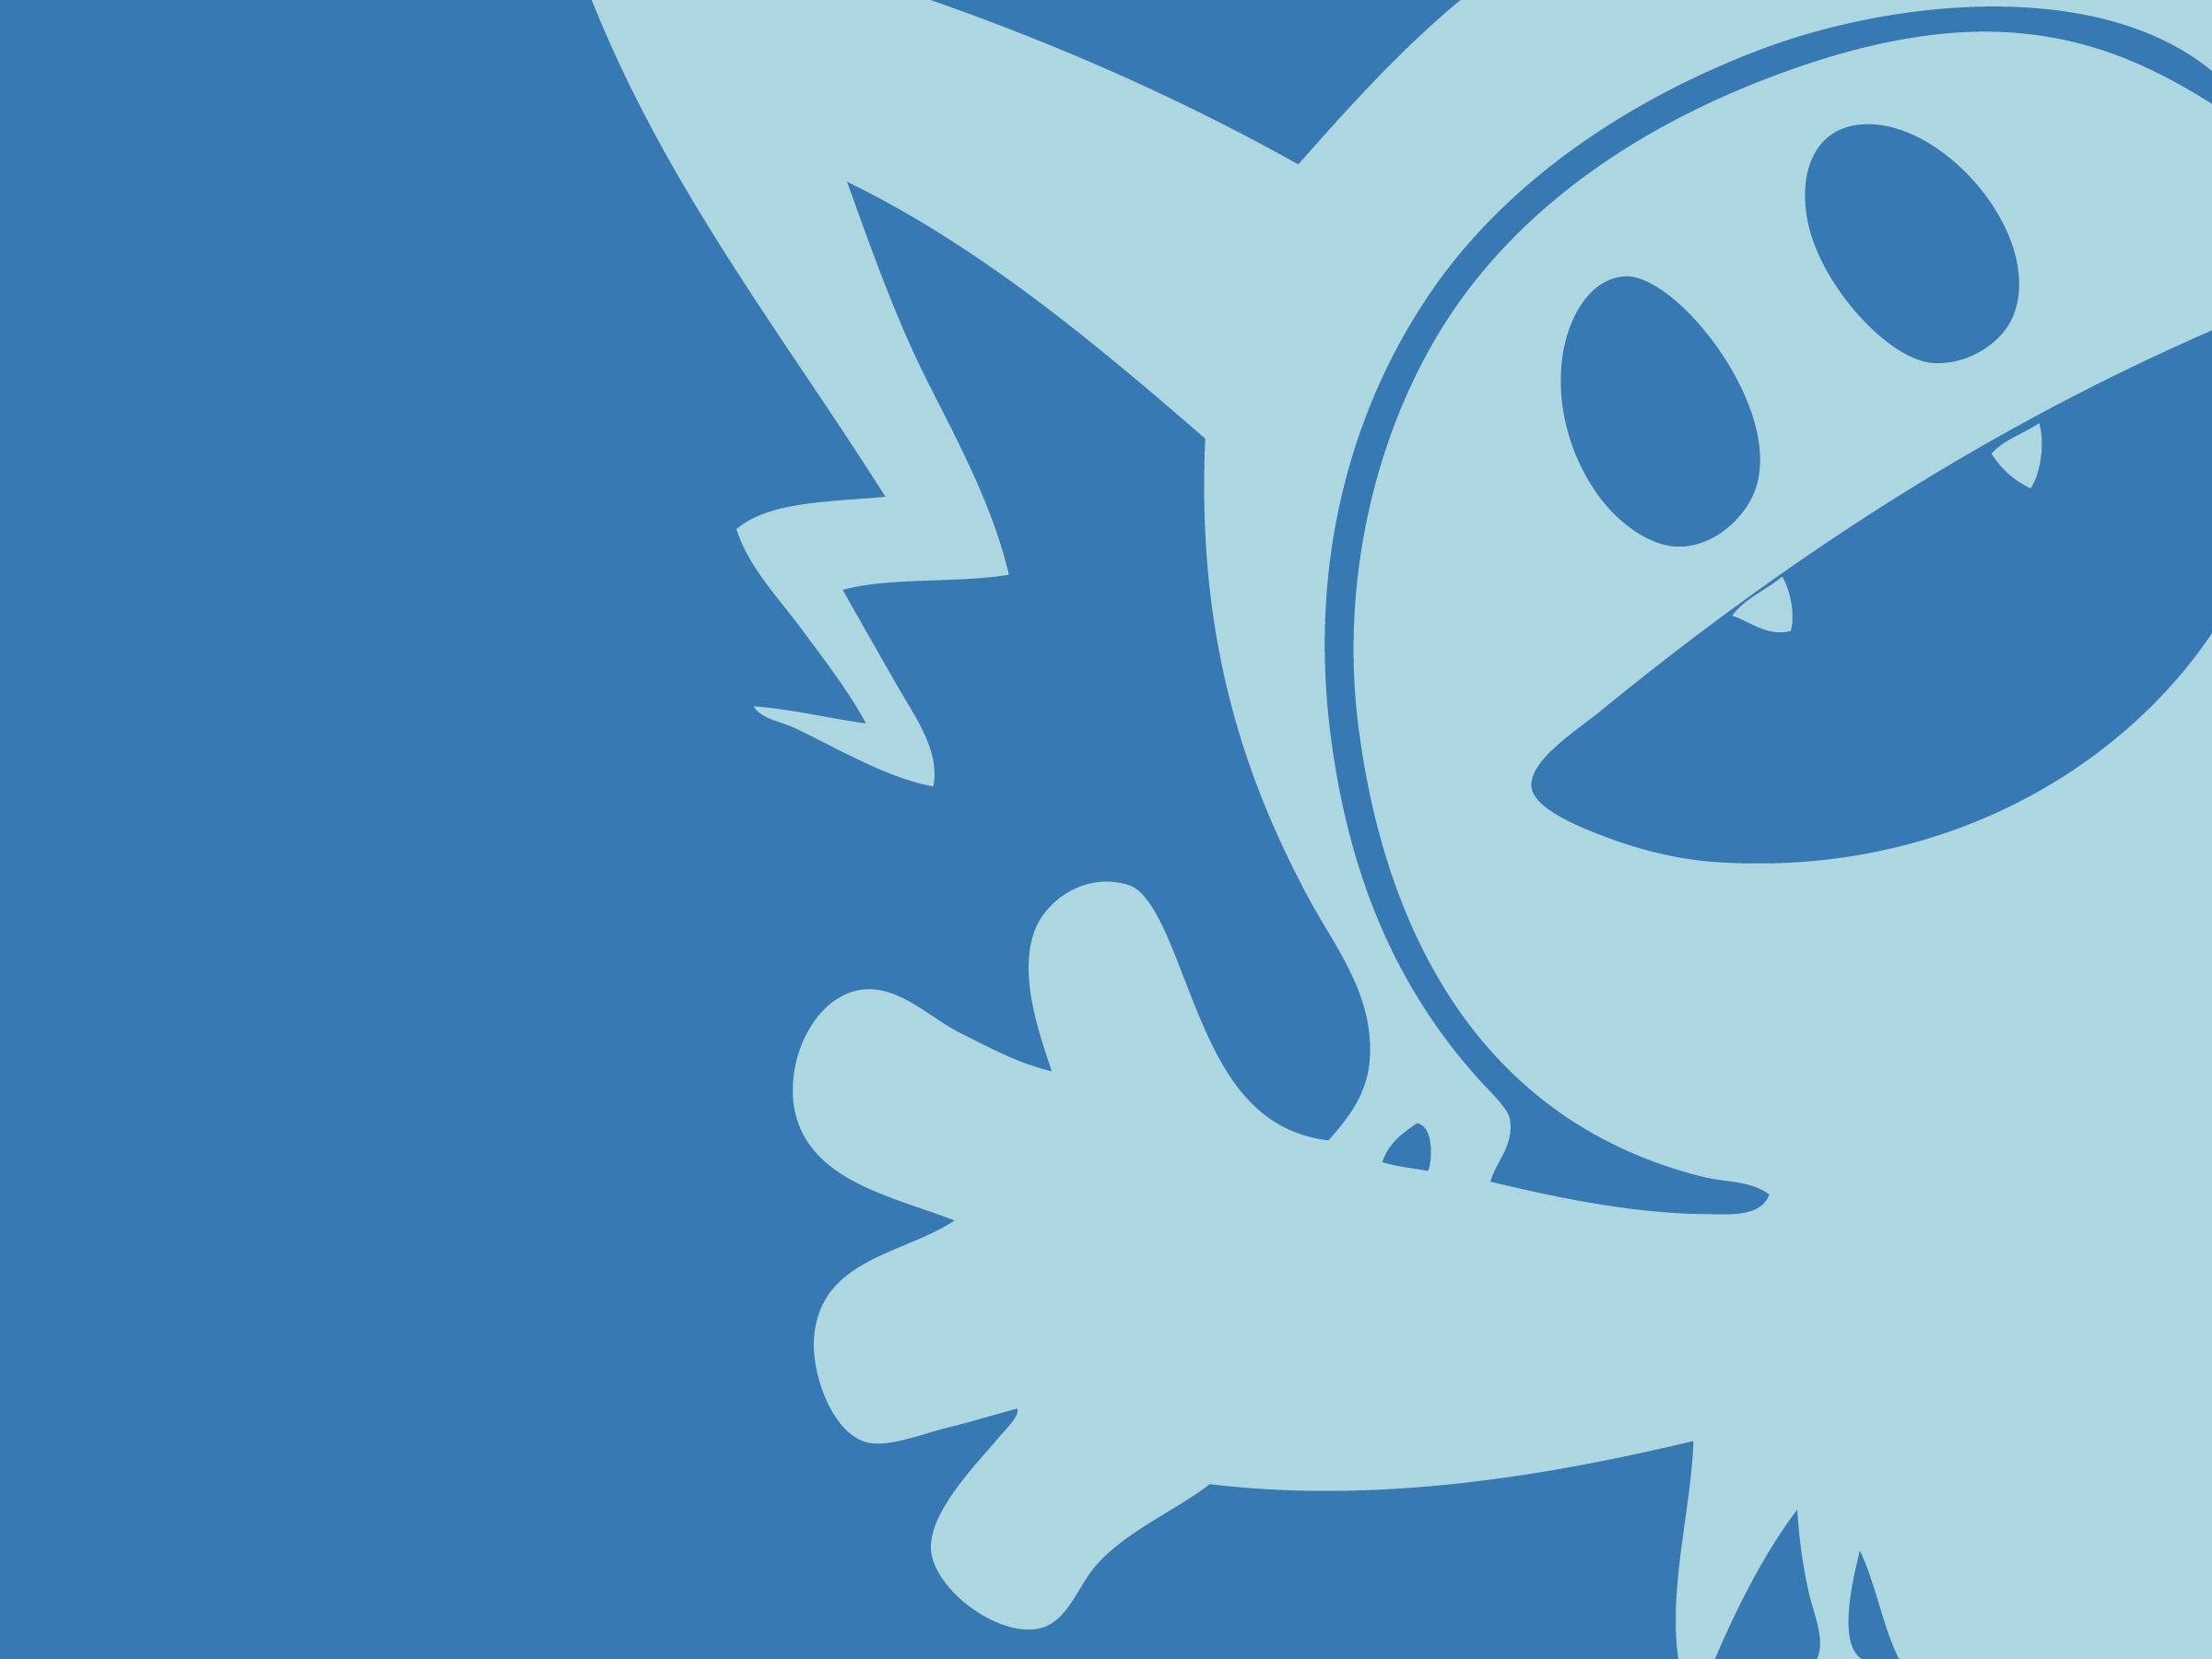 Jack Frost Shin Megami Tensei Wallpaper 16599037 Fanpop